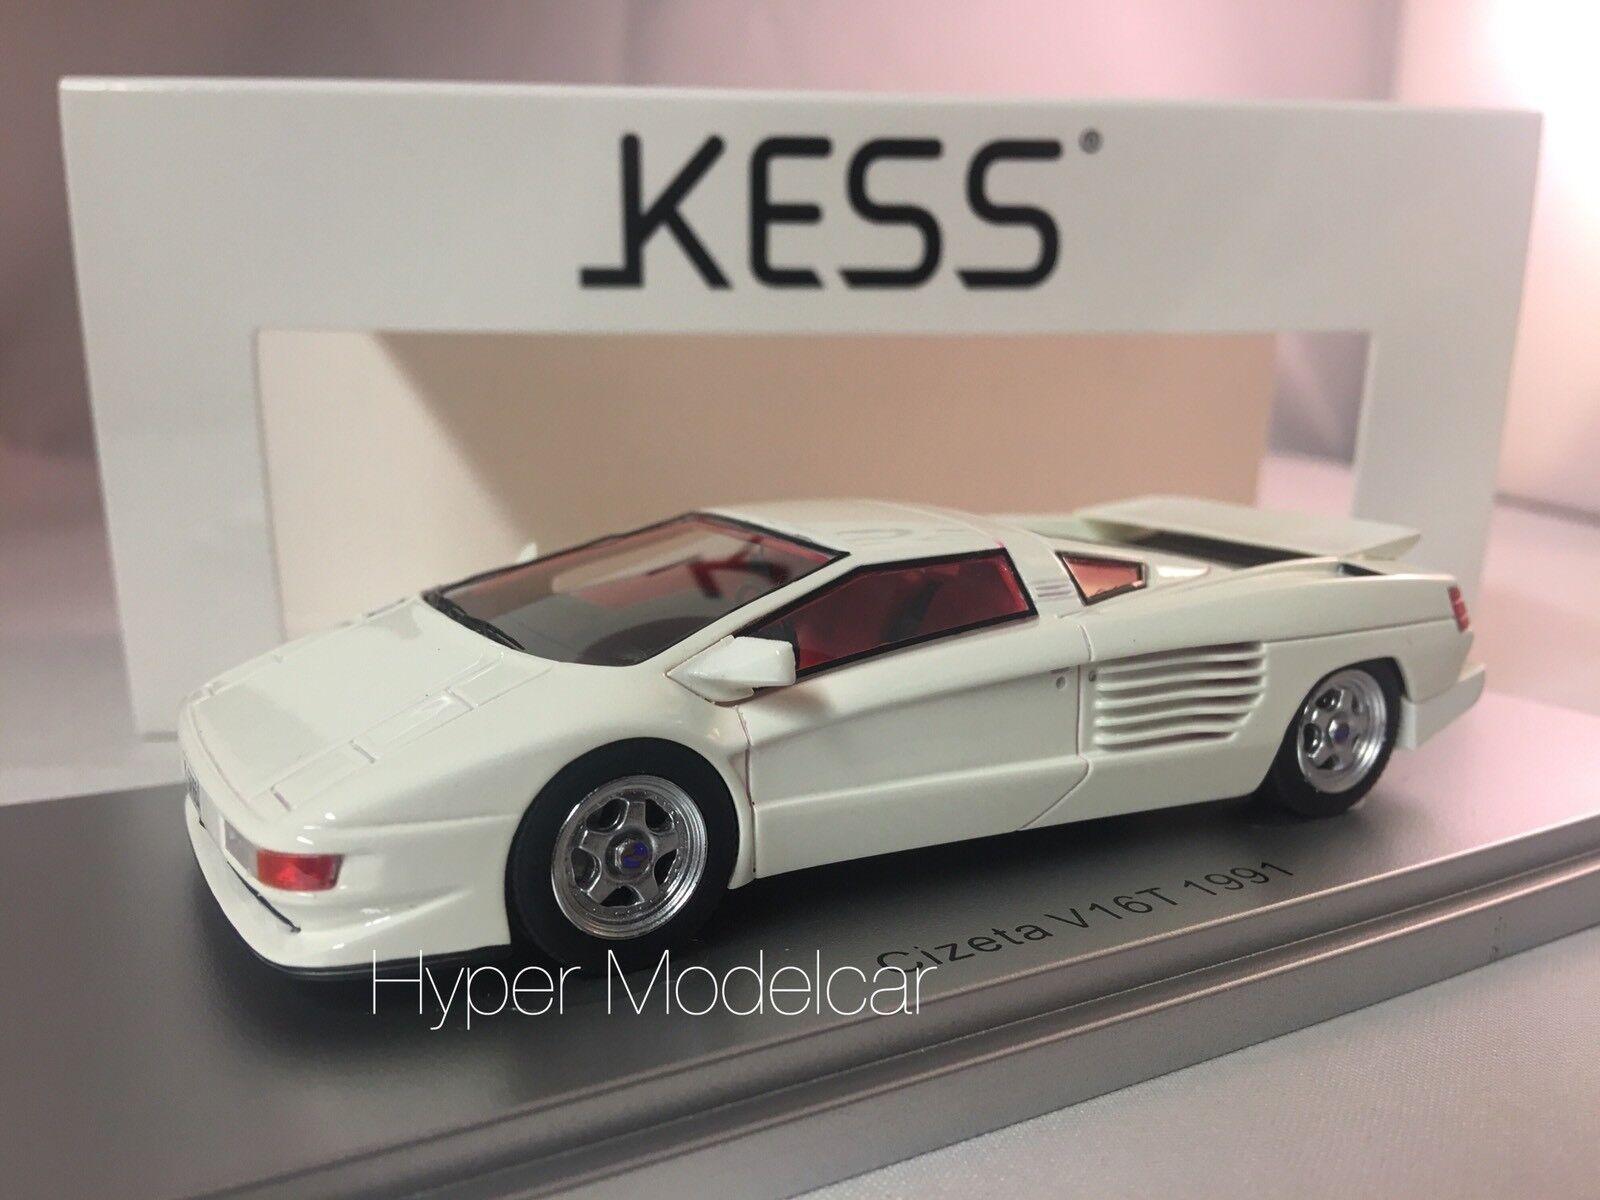 KESS MODEL 1 43 43 43 Cizeta V16T 6,4 16cil 64v 1991 blanc Art. KE43048001 9fa3d2